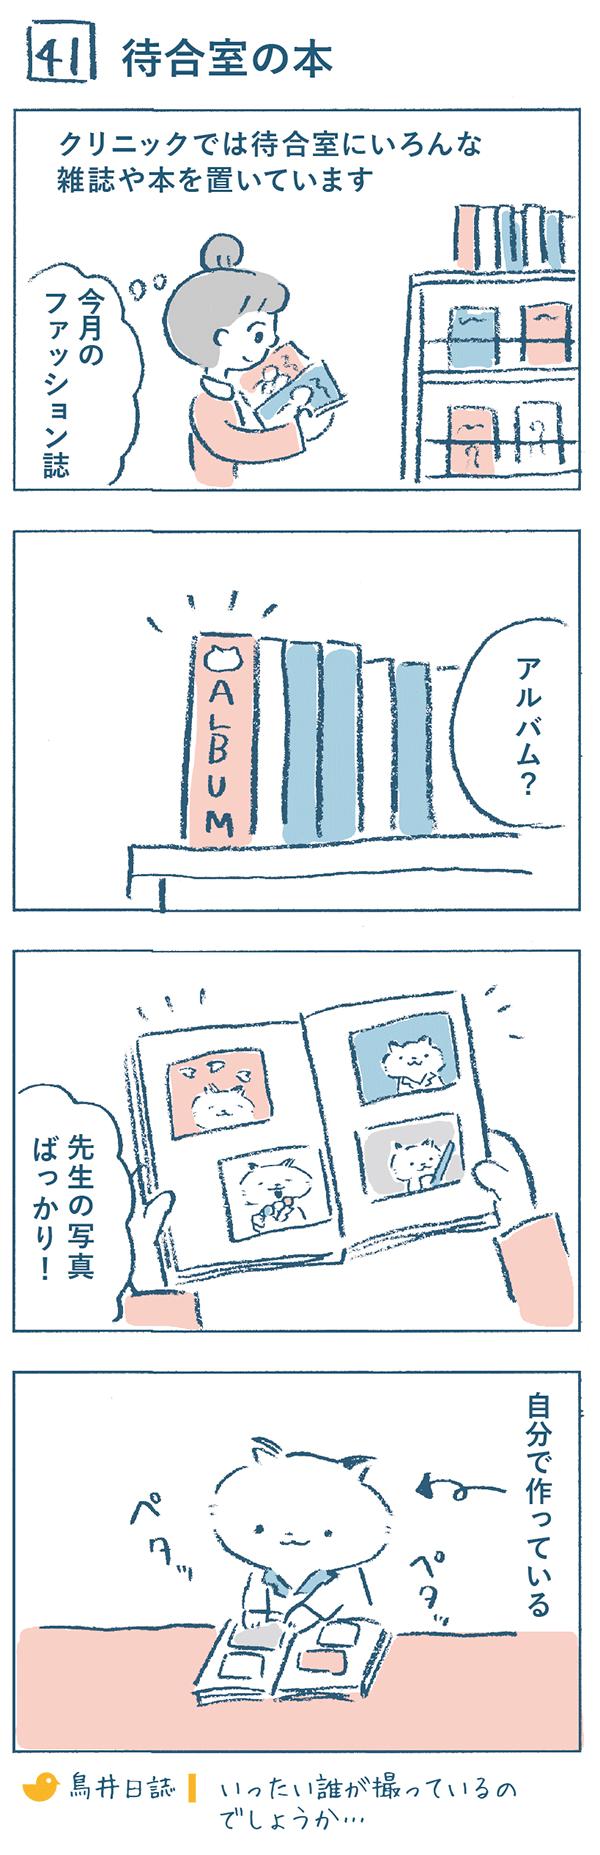 クリニックでは、待合室にいろんな雑誌や本を置いています。奈央子は本棚に雑誌や本に紛れてアルバムが置いてあることに気が付きました。中を見るとなんと先生の写真ばっかり!なんとそのアルバム、ねこやま先生が自分で作っていたのでした。